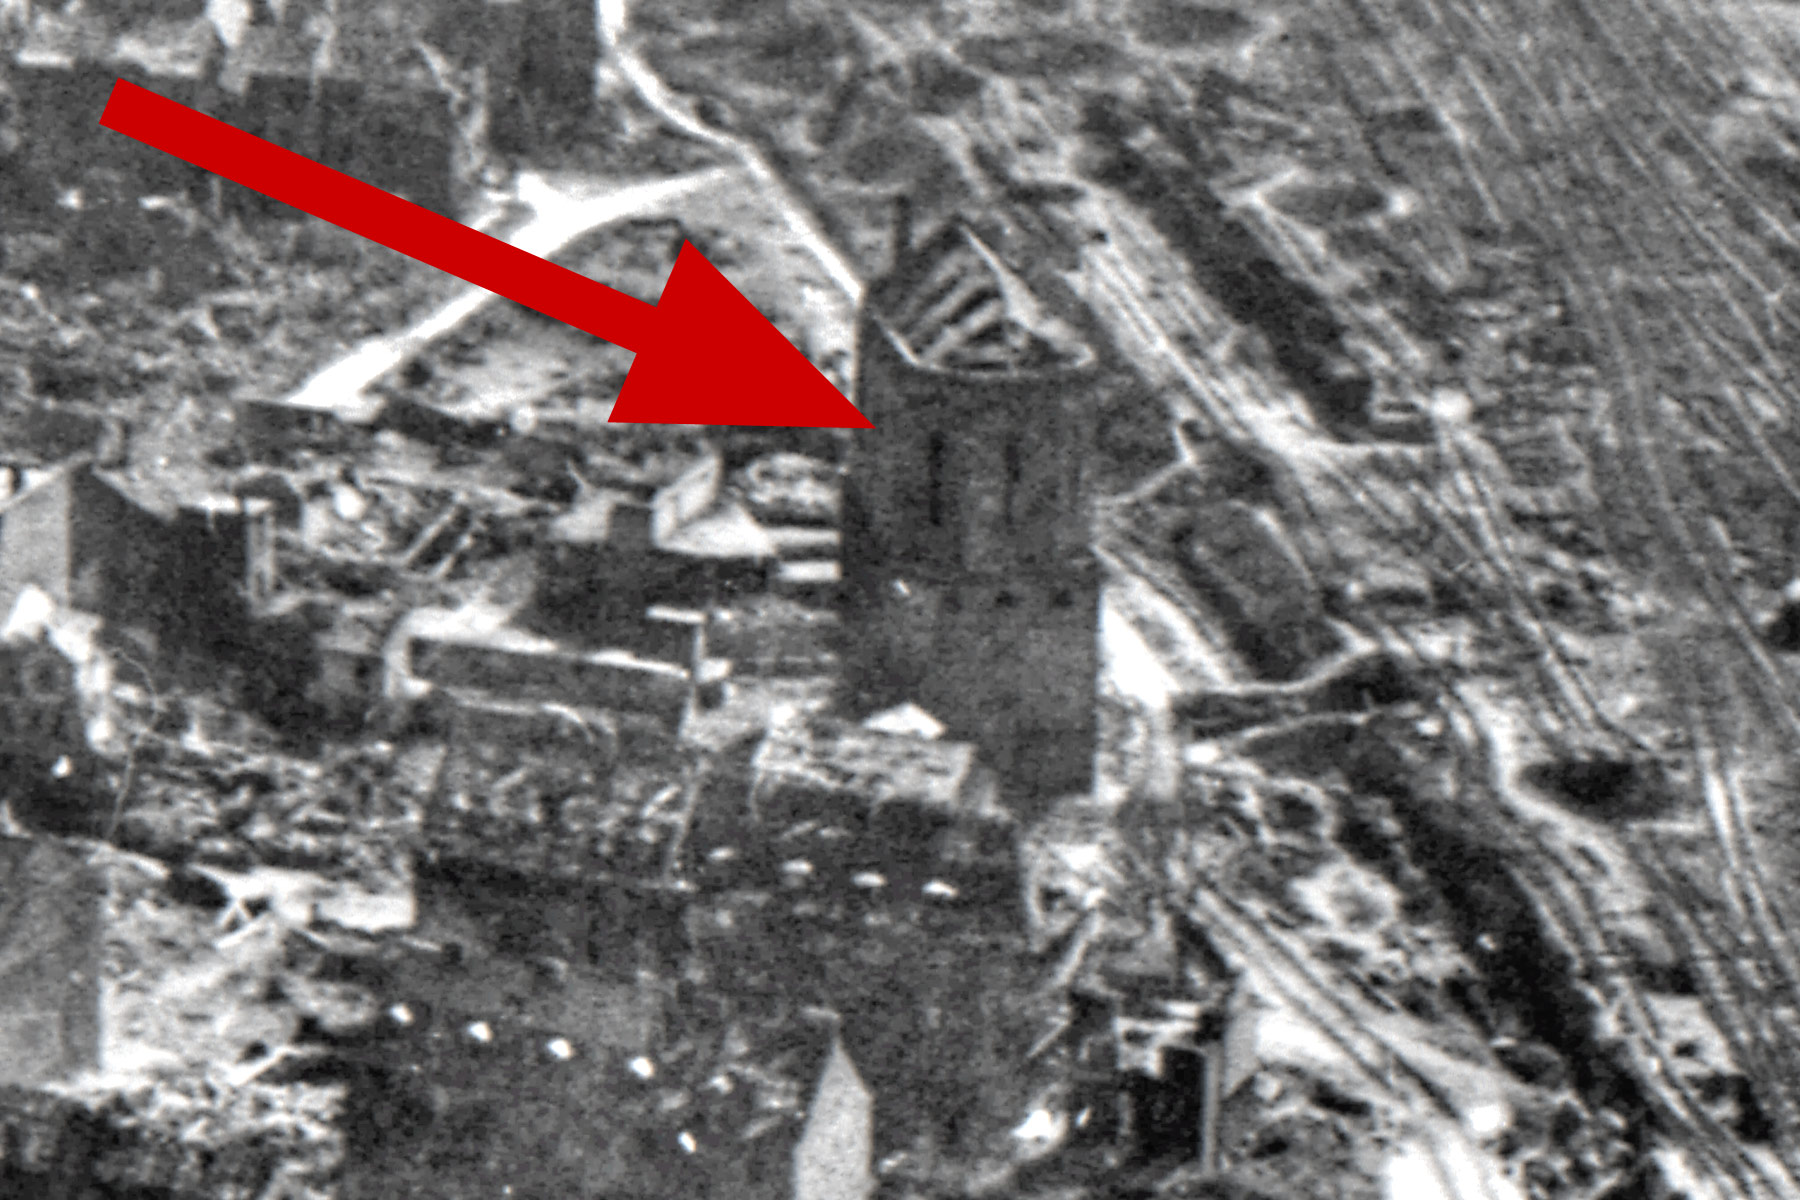 Unbekanntes Gebäude - vermutlich Kirche - in Hamm am Schwarzen Weg in der Nähe vom Hauptbahnhof